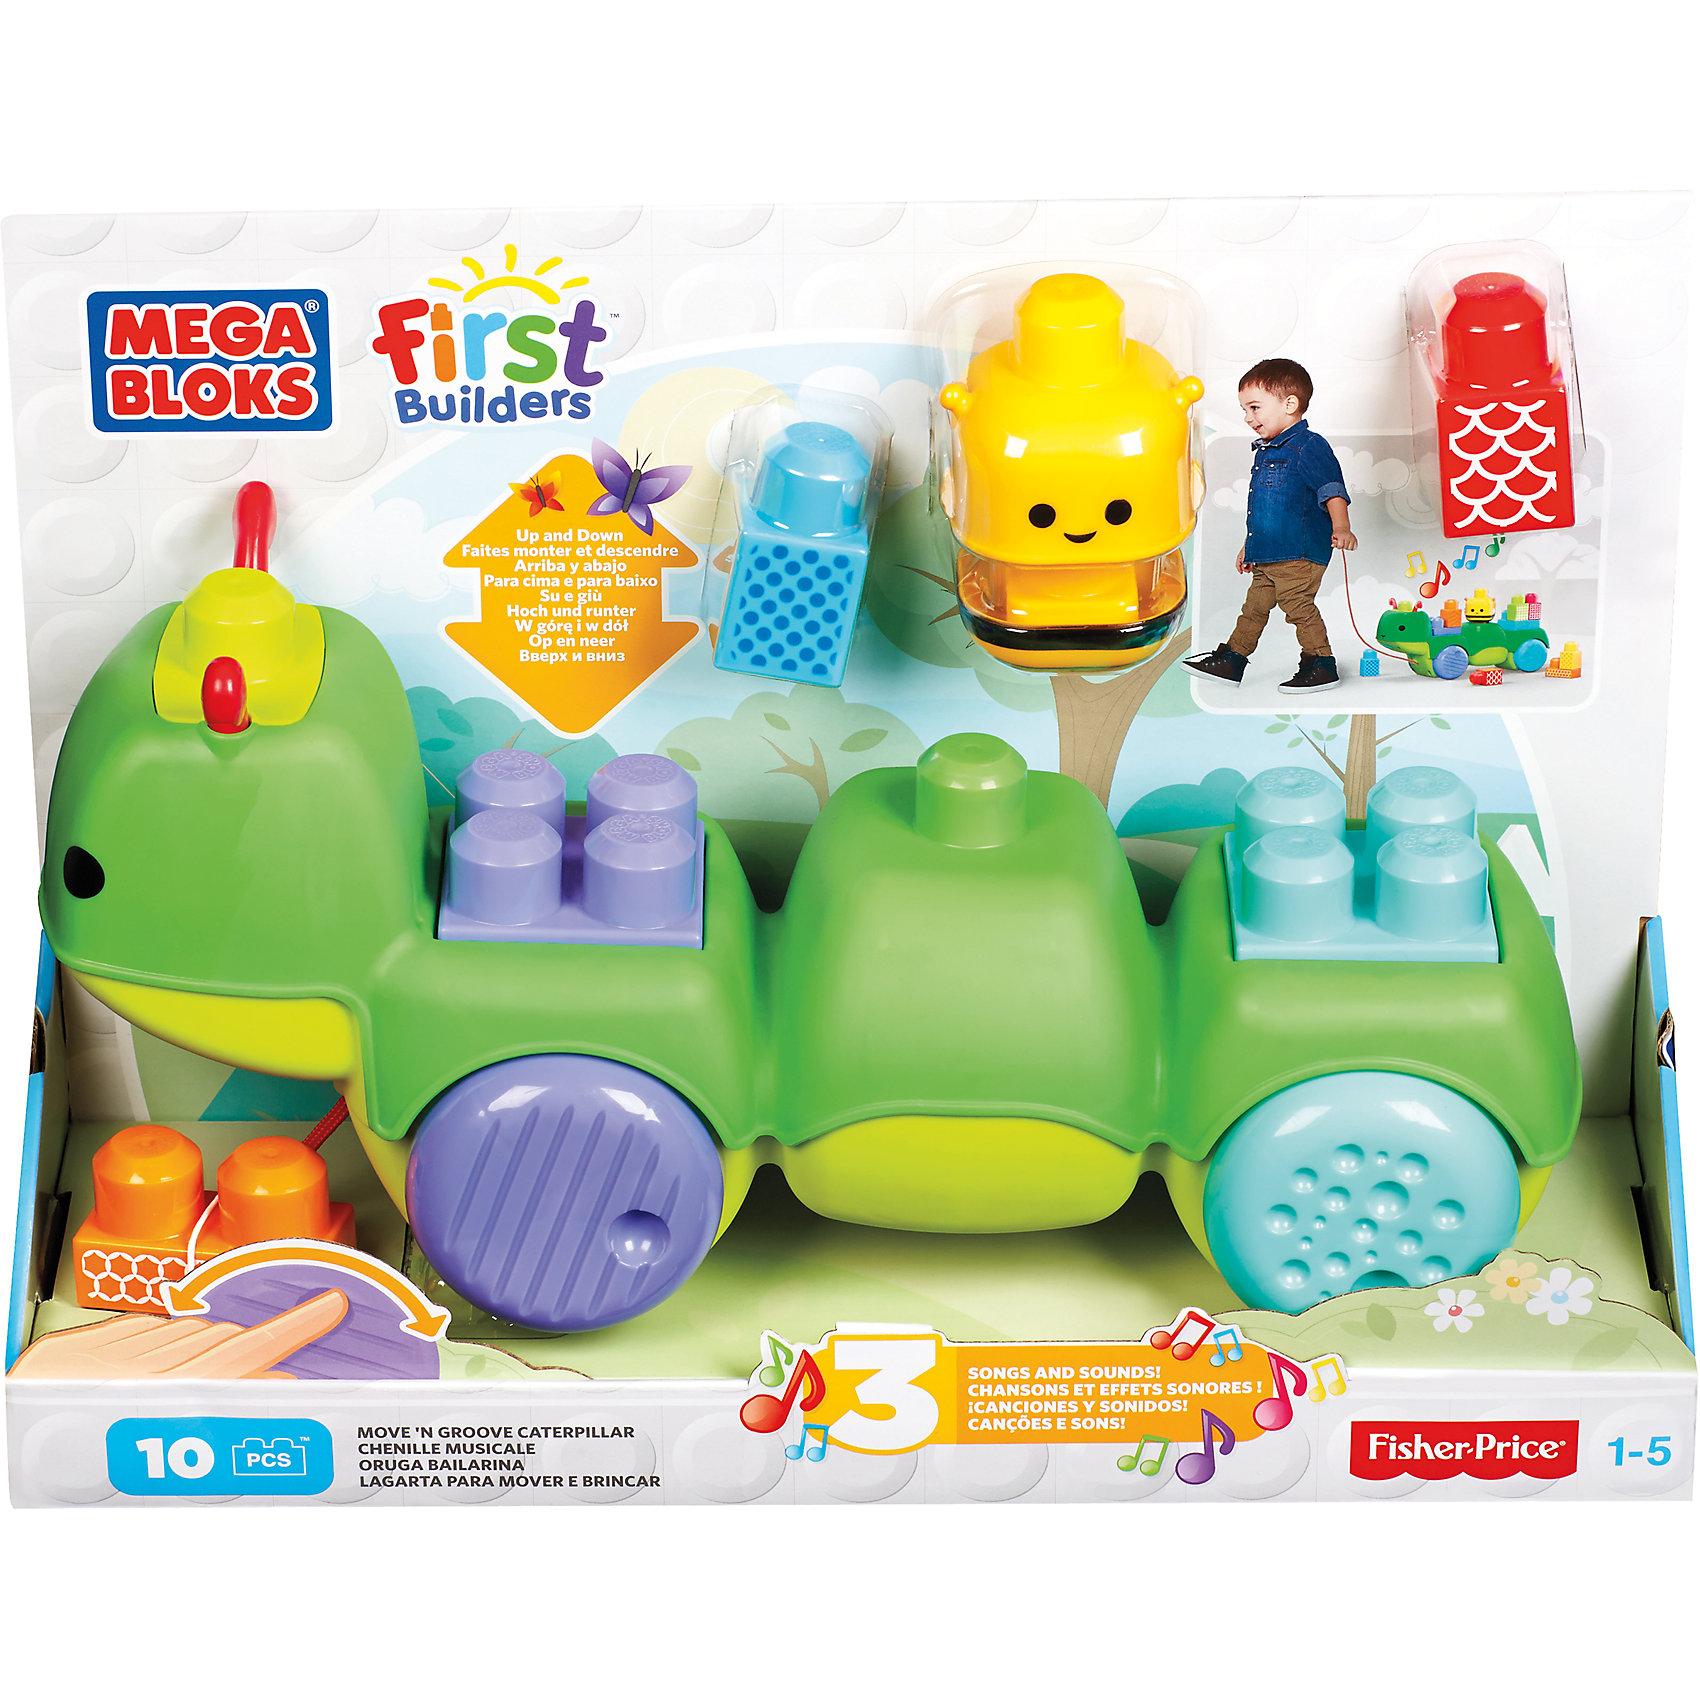 Веселая гусеница First Builders MEGA BLOKSПластмассовые конструкторы<br>Веселая гусеница First Builders Mega Bloks (Мега Блокс)<br><br>Веселая гусеница First Builders Mega Bloks (Мега Блокс) отлично подойдет детям дошкольного возраста. Если потянуть игрушку за веревку, яркие элементы на ее спине начнут двигаться под музыку.  Набор содержит семь разноцветных деталей с рисунками, а также яркую бабочку, которую можно закрепить на спине гусеницы. Такая игрушка помогает развить воображение, координацию движений и образное мышление. <br>Веселая гусеница First Builders Mega Bloks (Мега Блокс) изготовлена из высококачественных, легких и безопасных для детей материалов, детали окрашены яркими красителями, устойчивыми к выгоранию и истиранию, корпус и детали:  из ударопрочного пластика. <br><br>Дополнительная информация:<br><br>цвет: разноцветный;<br>материал: пластик.<br><br>Веселая гусеница First Builders Mega Bloks (Мега Блокс) можно купить в нашем магазине.<br><br>Ширина мм: 165<br>Глубина мм: 240<br>Высота мм: 180<br>Вес г: 540<br>Возраст от месяцев: 12<br>Возраст до месяцев: 60<br>Пол: Унисекс<br>Возраст: Детский<br>SKU: 4698046